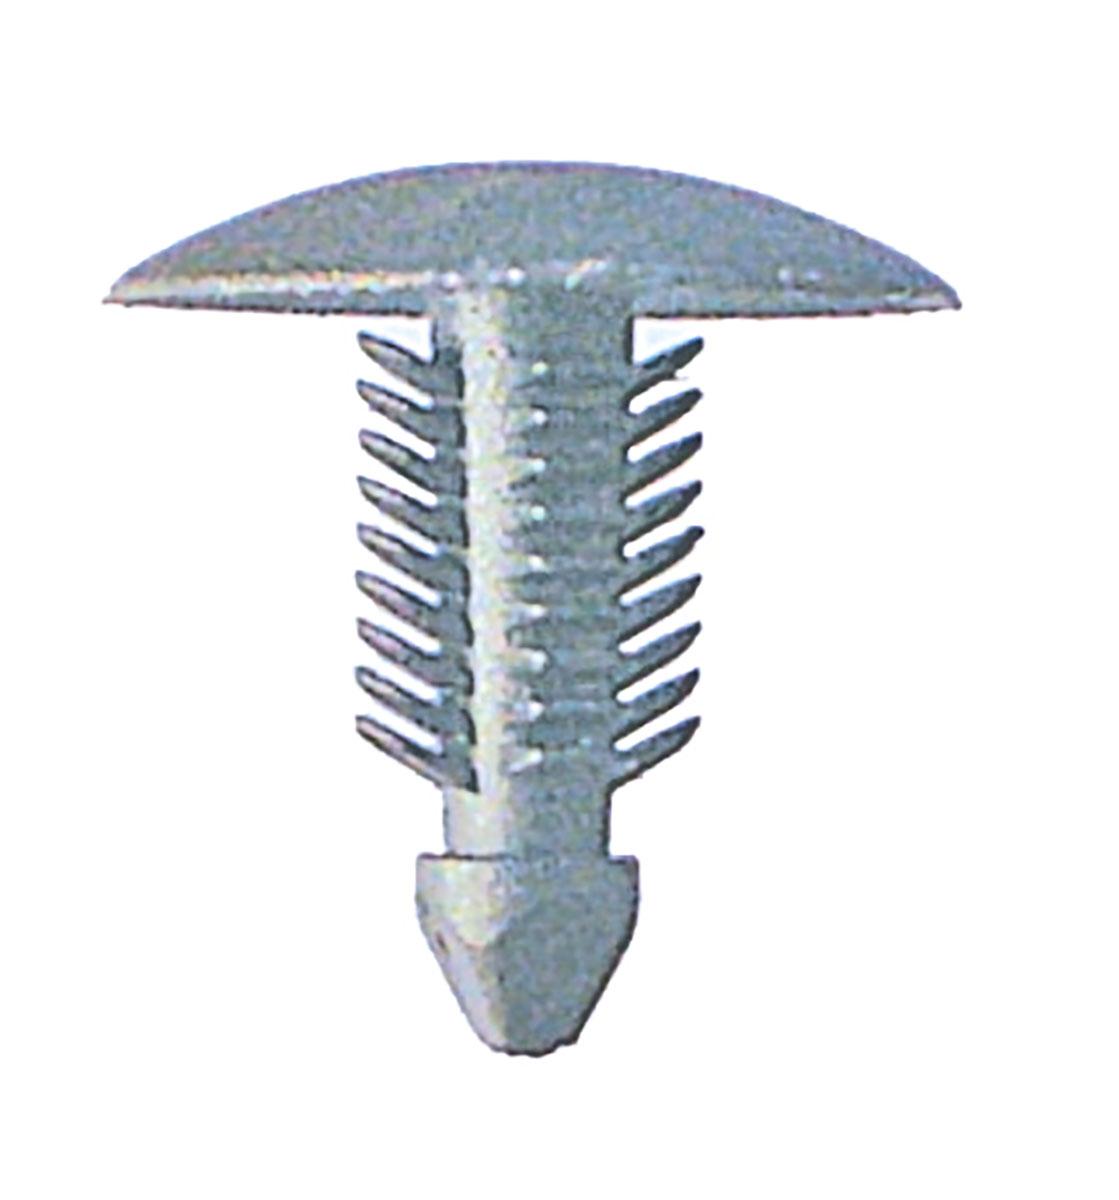 Autoclips 1301019650 CLIPS PARAGPE-TAP F.PALIO-SIENA GRIS (22-19.5-9.5) 208366